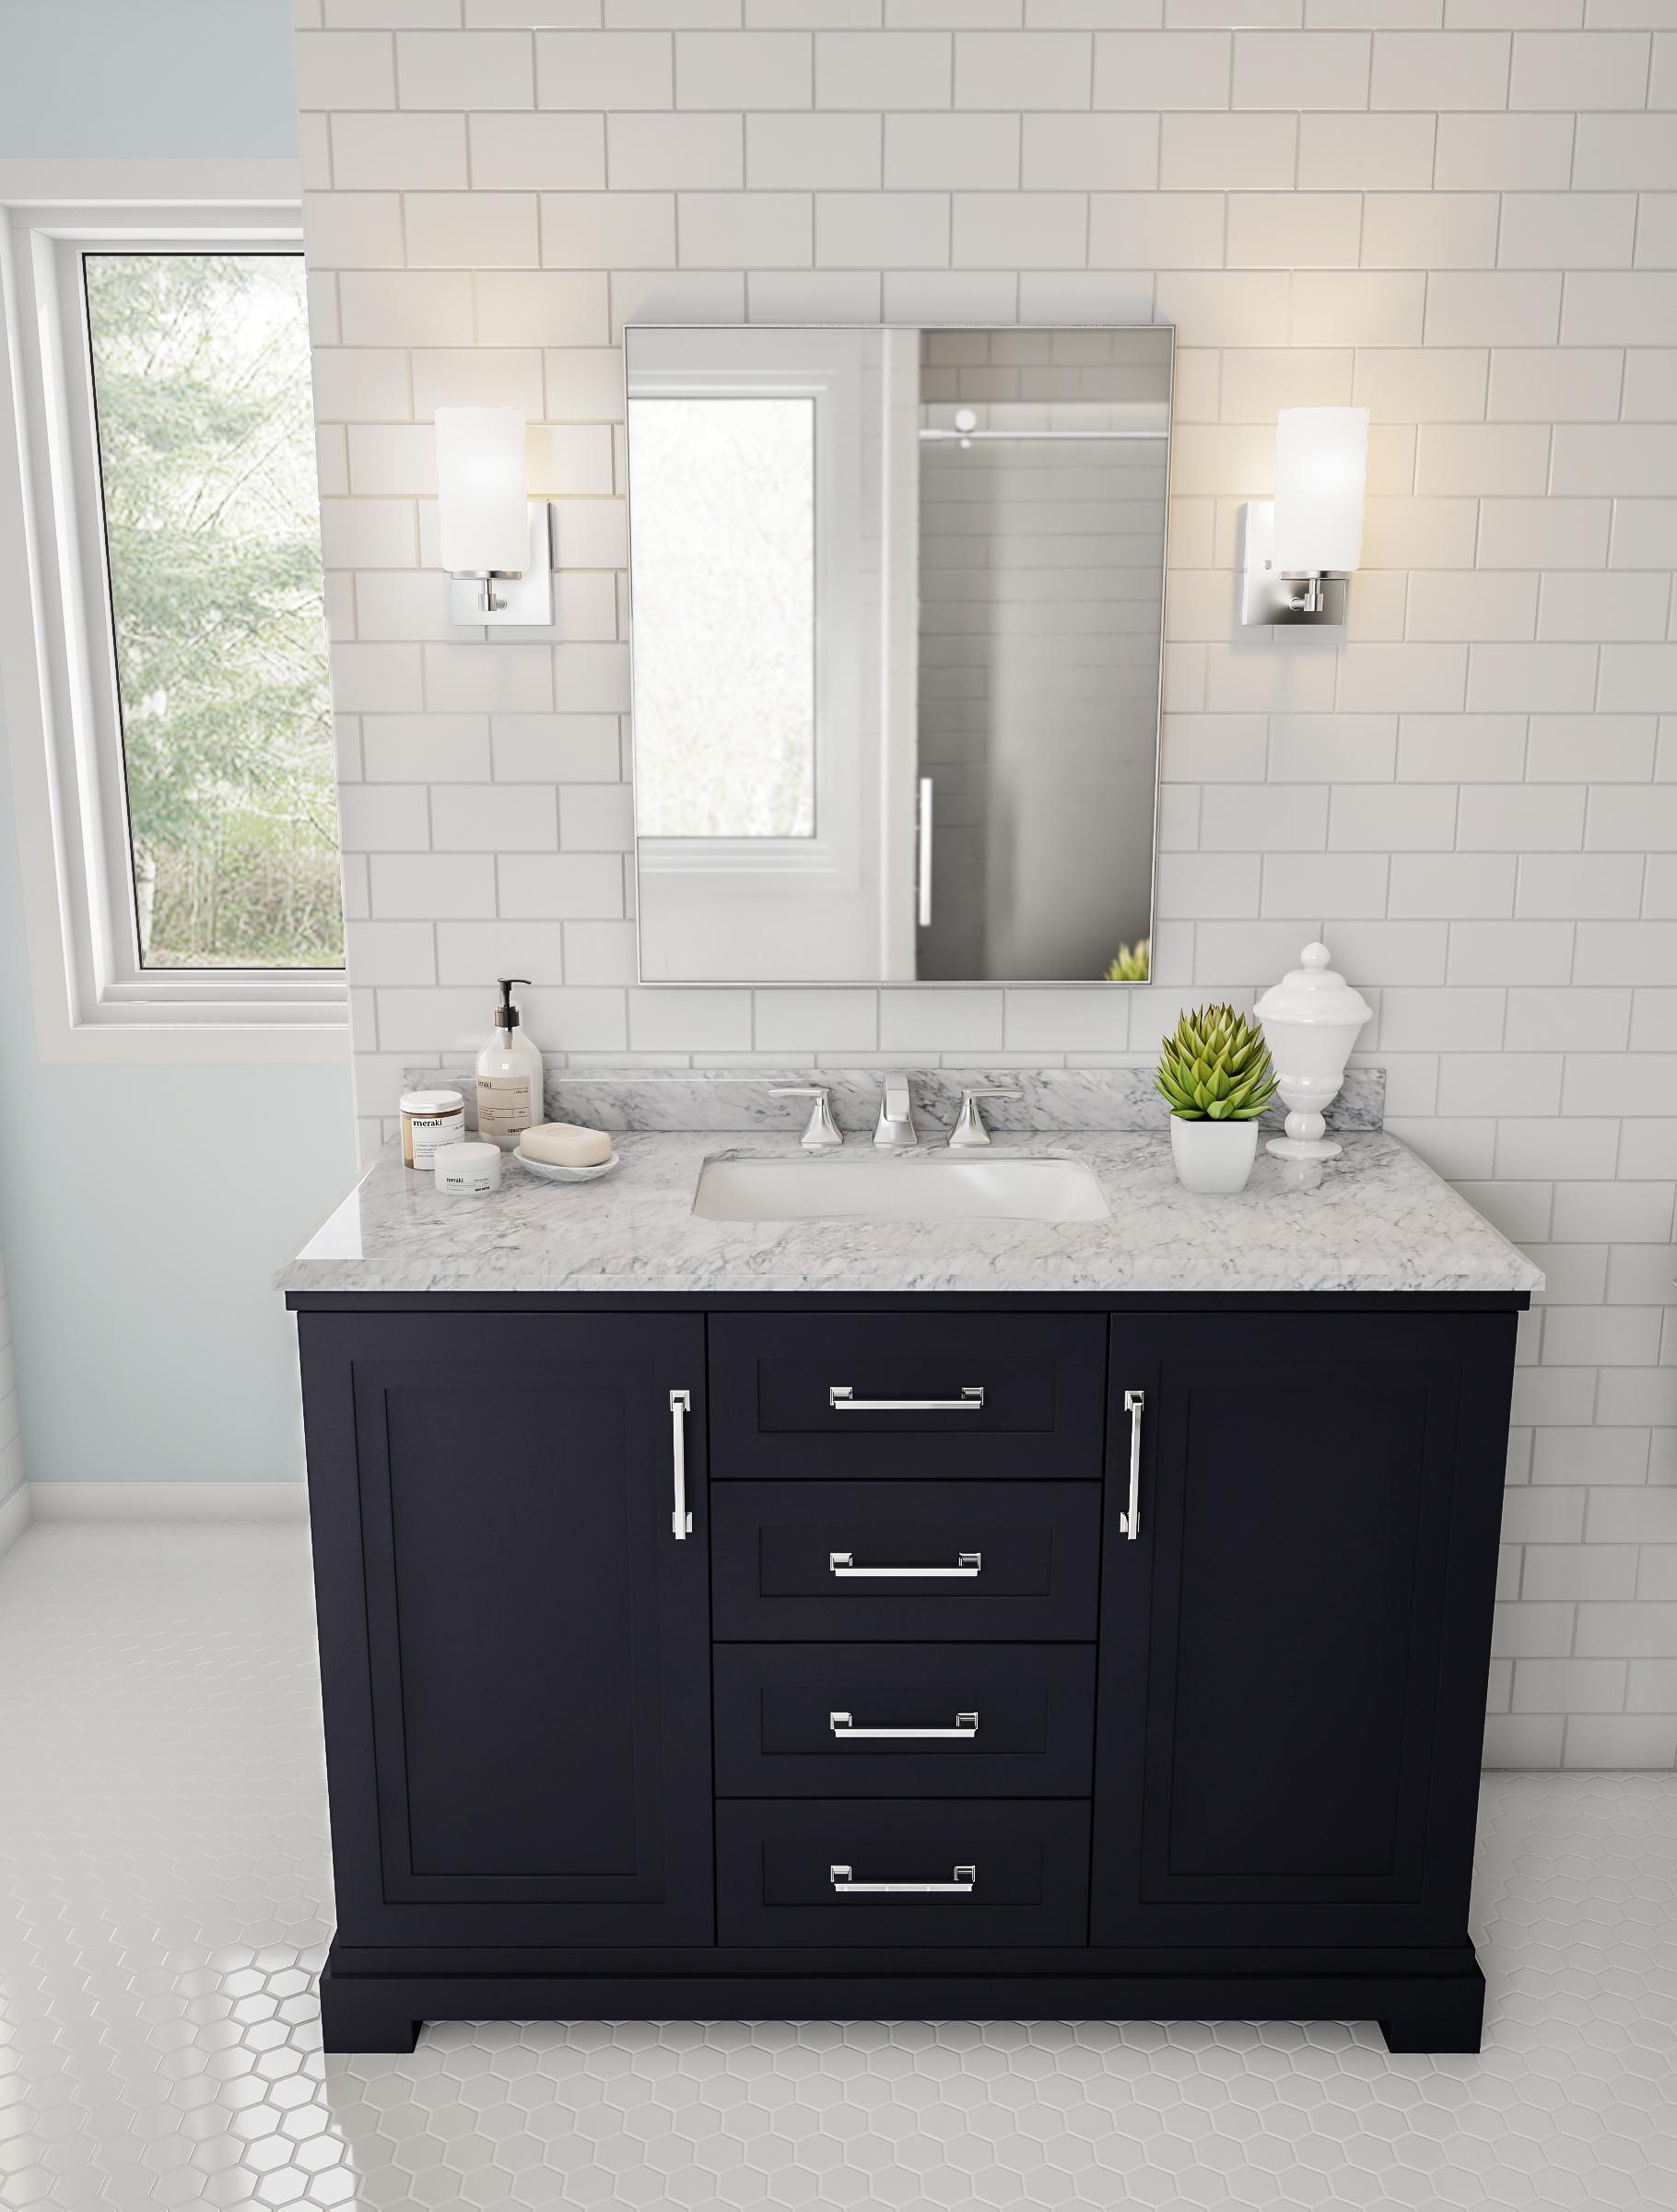 Preppy Navy Bathroom Vanity Farmhouse Bathroom Mirrors Bathroom Mirror Design Bathroom Mirror [ 2400 x 1820 Pixel ]